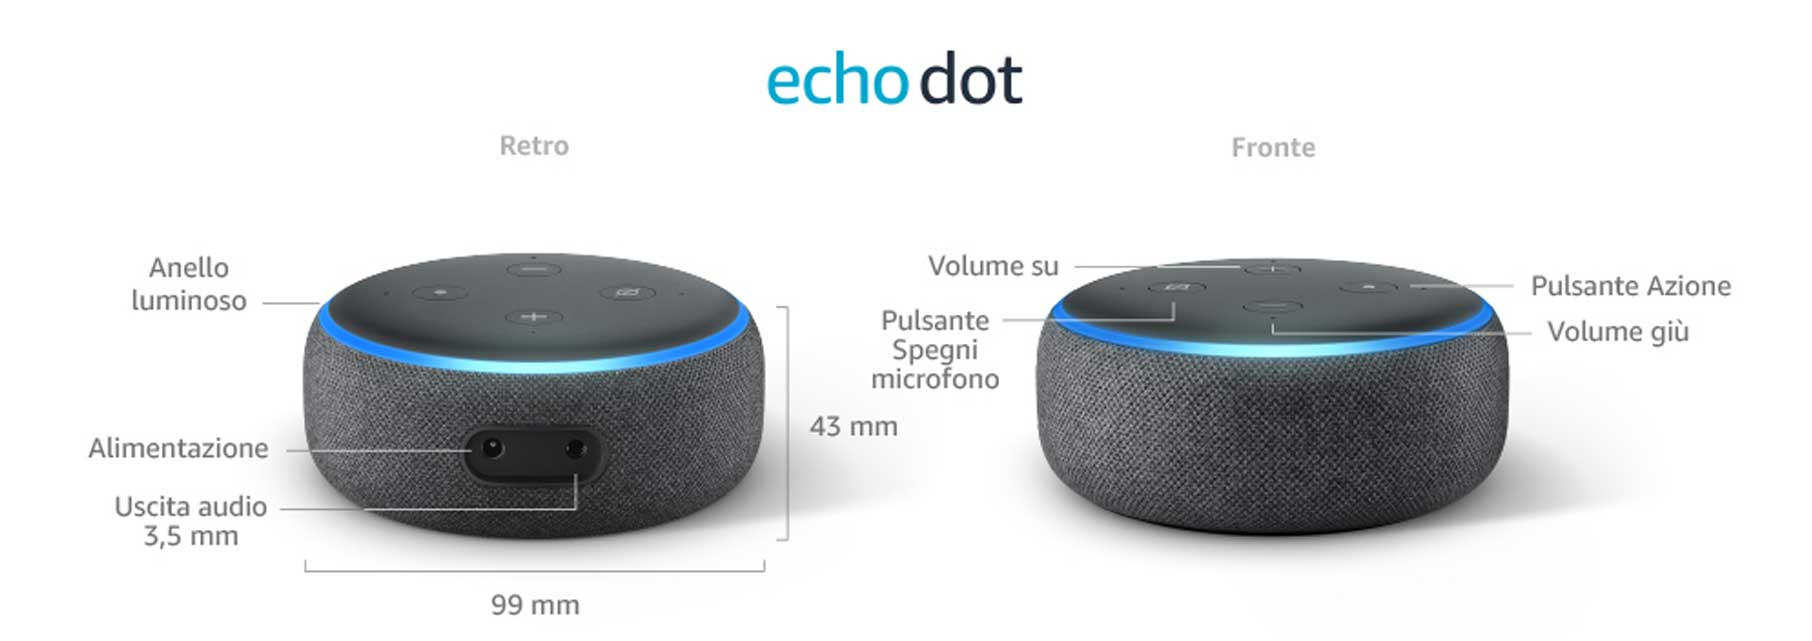 migliore smart speaker piccolo amazon alexa assistente vocale